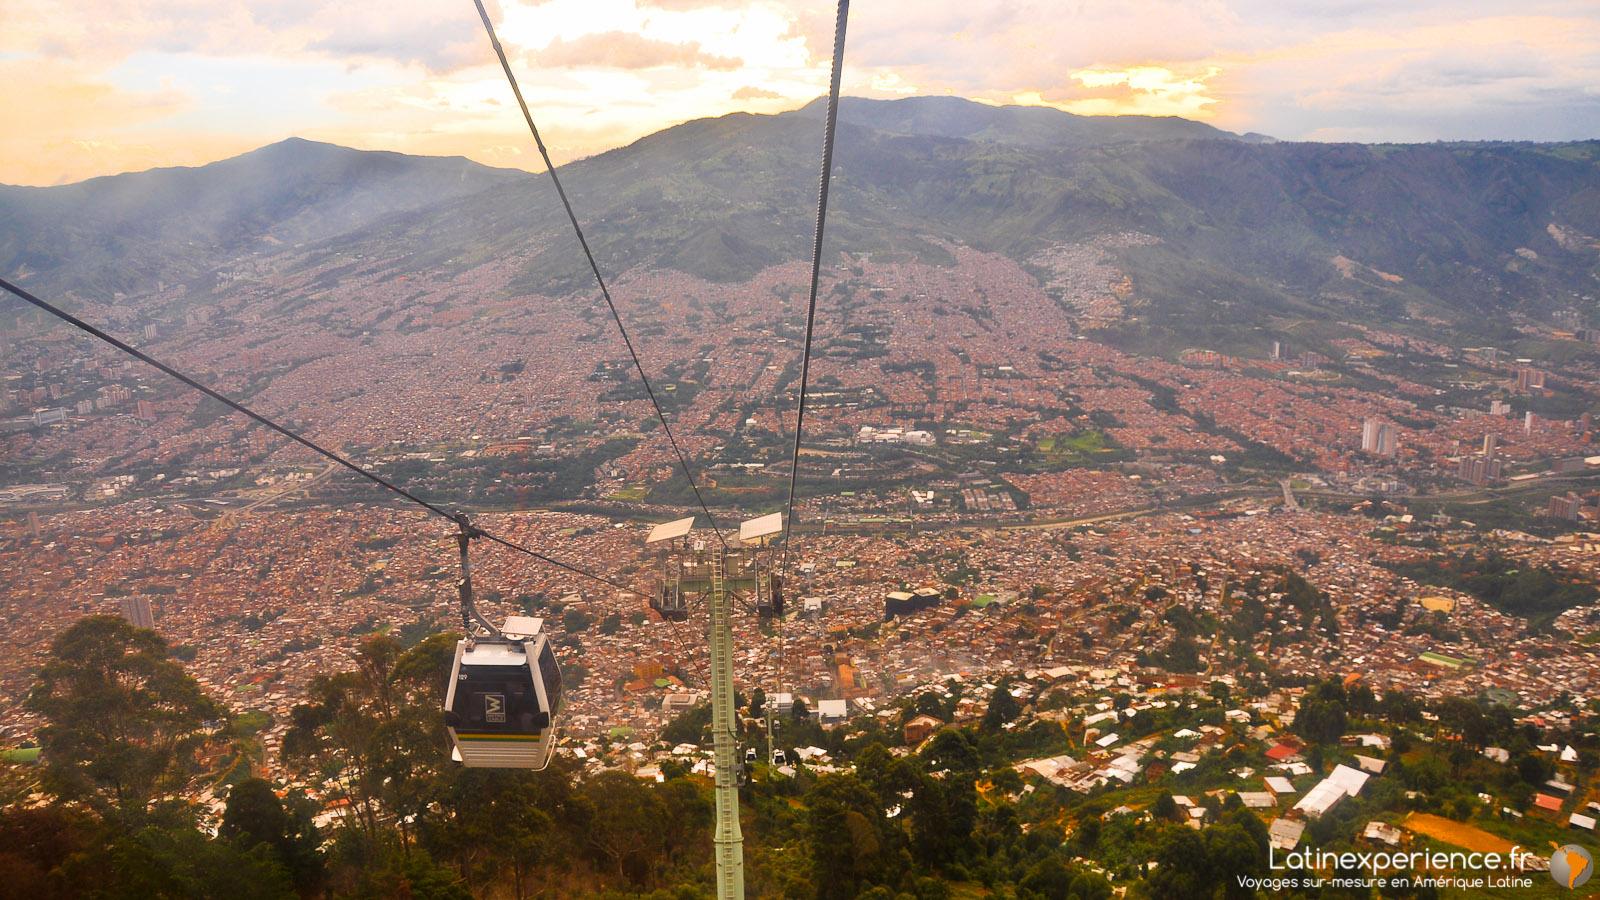 Colombie - Medellin - Voyage de noël